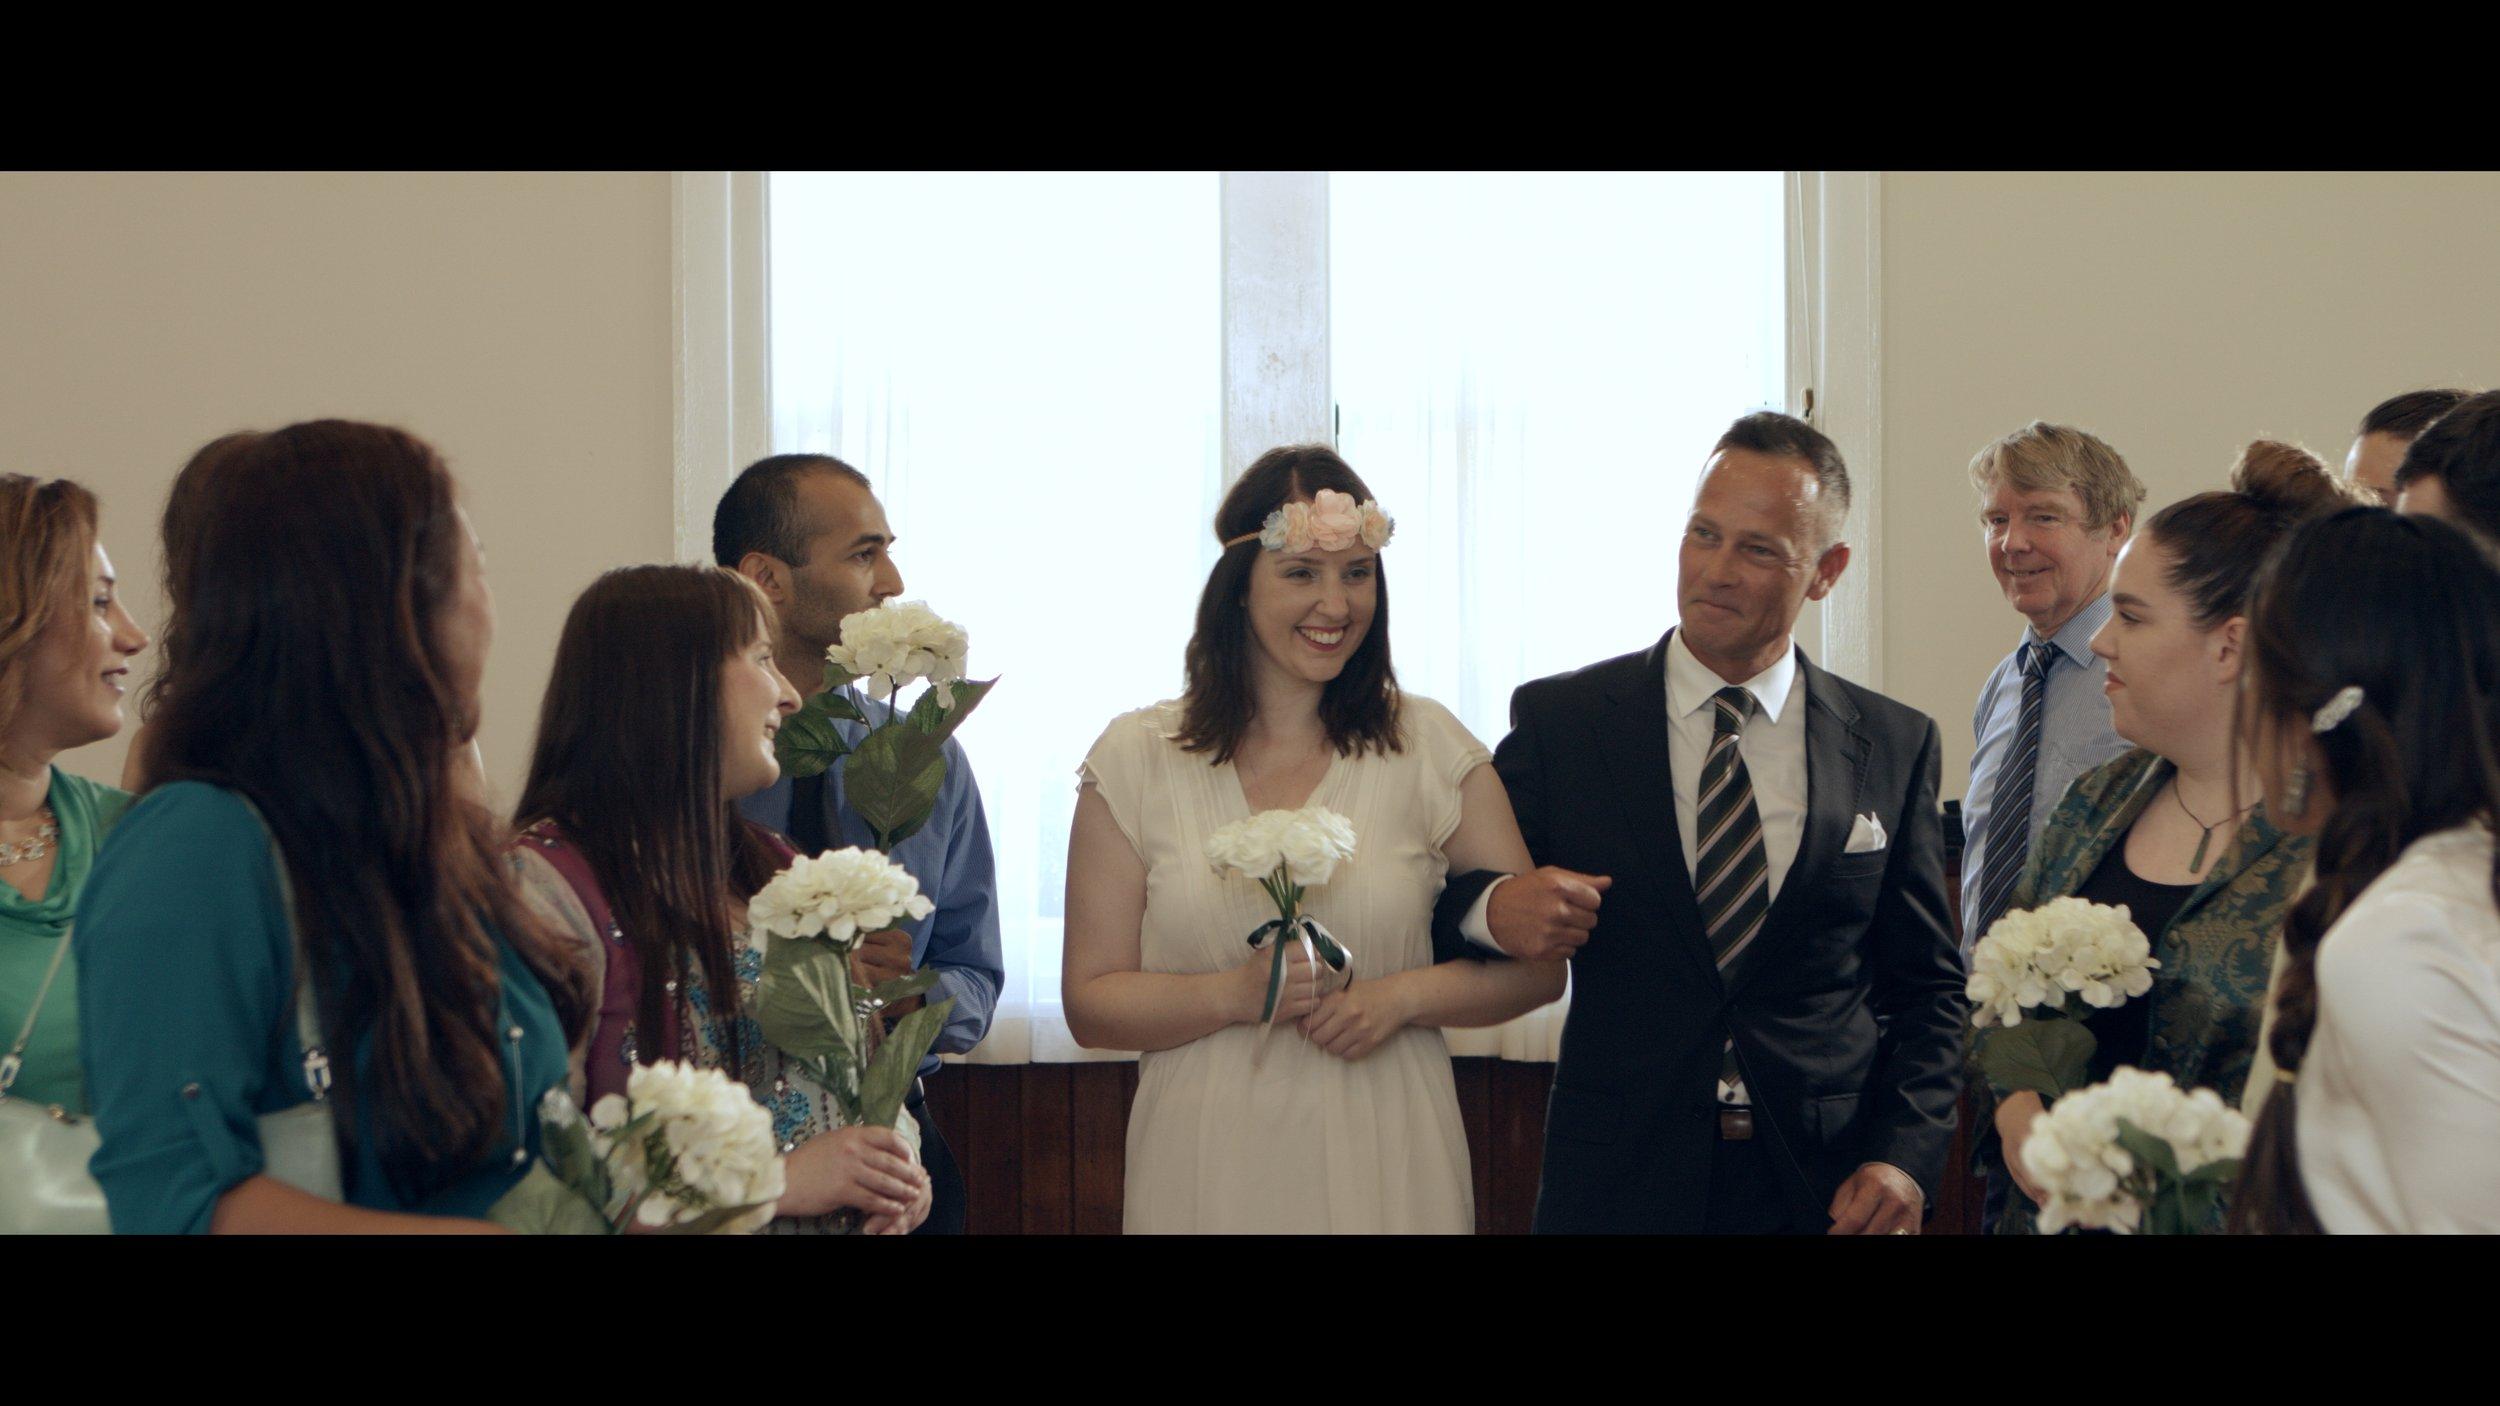 Wedding_1.8.1.jpg